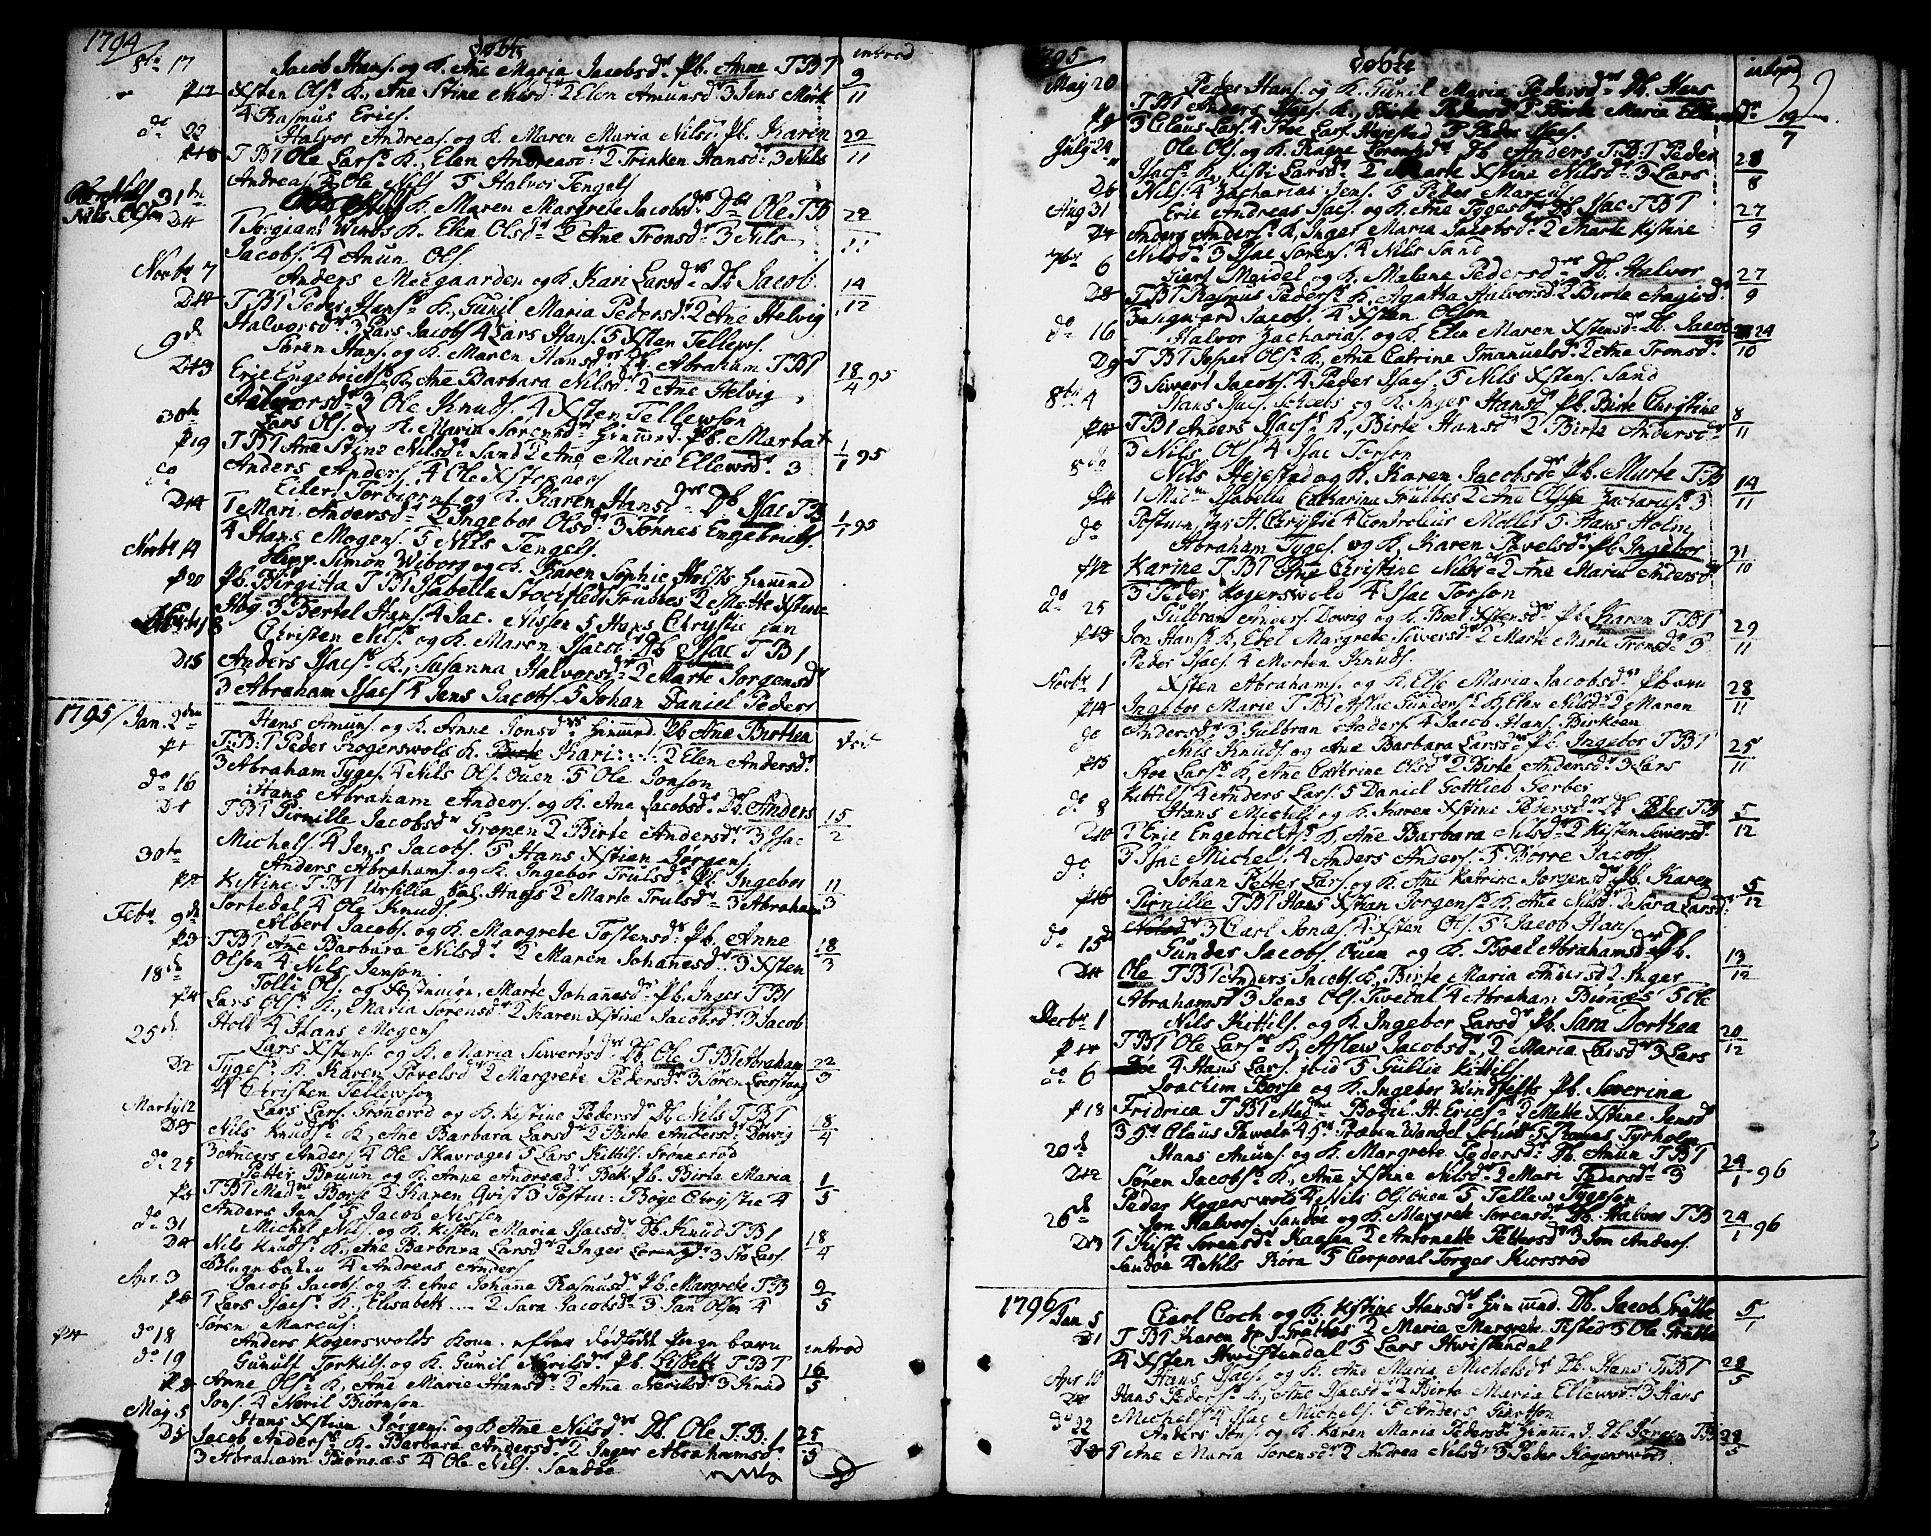 SAKO, Brevik kirkebøker, F/Fa/L0003: Ministerialbok nr. 3, 1764-1814, s. 32